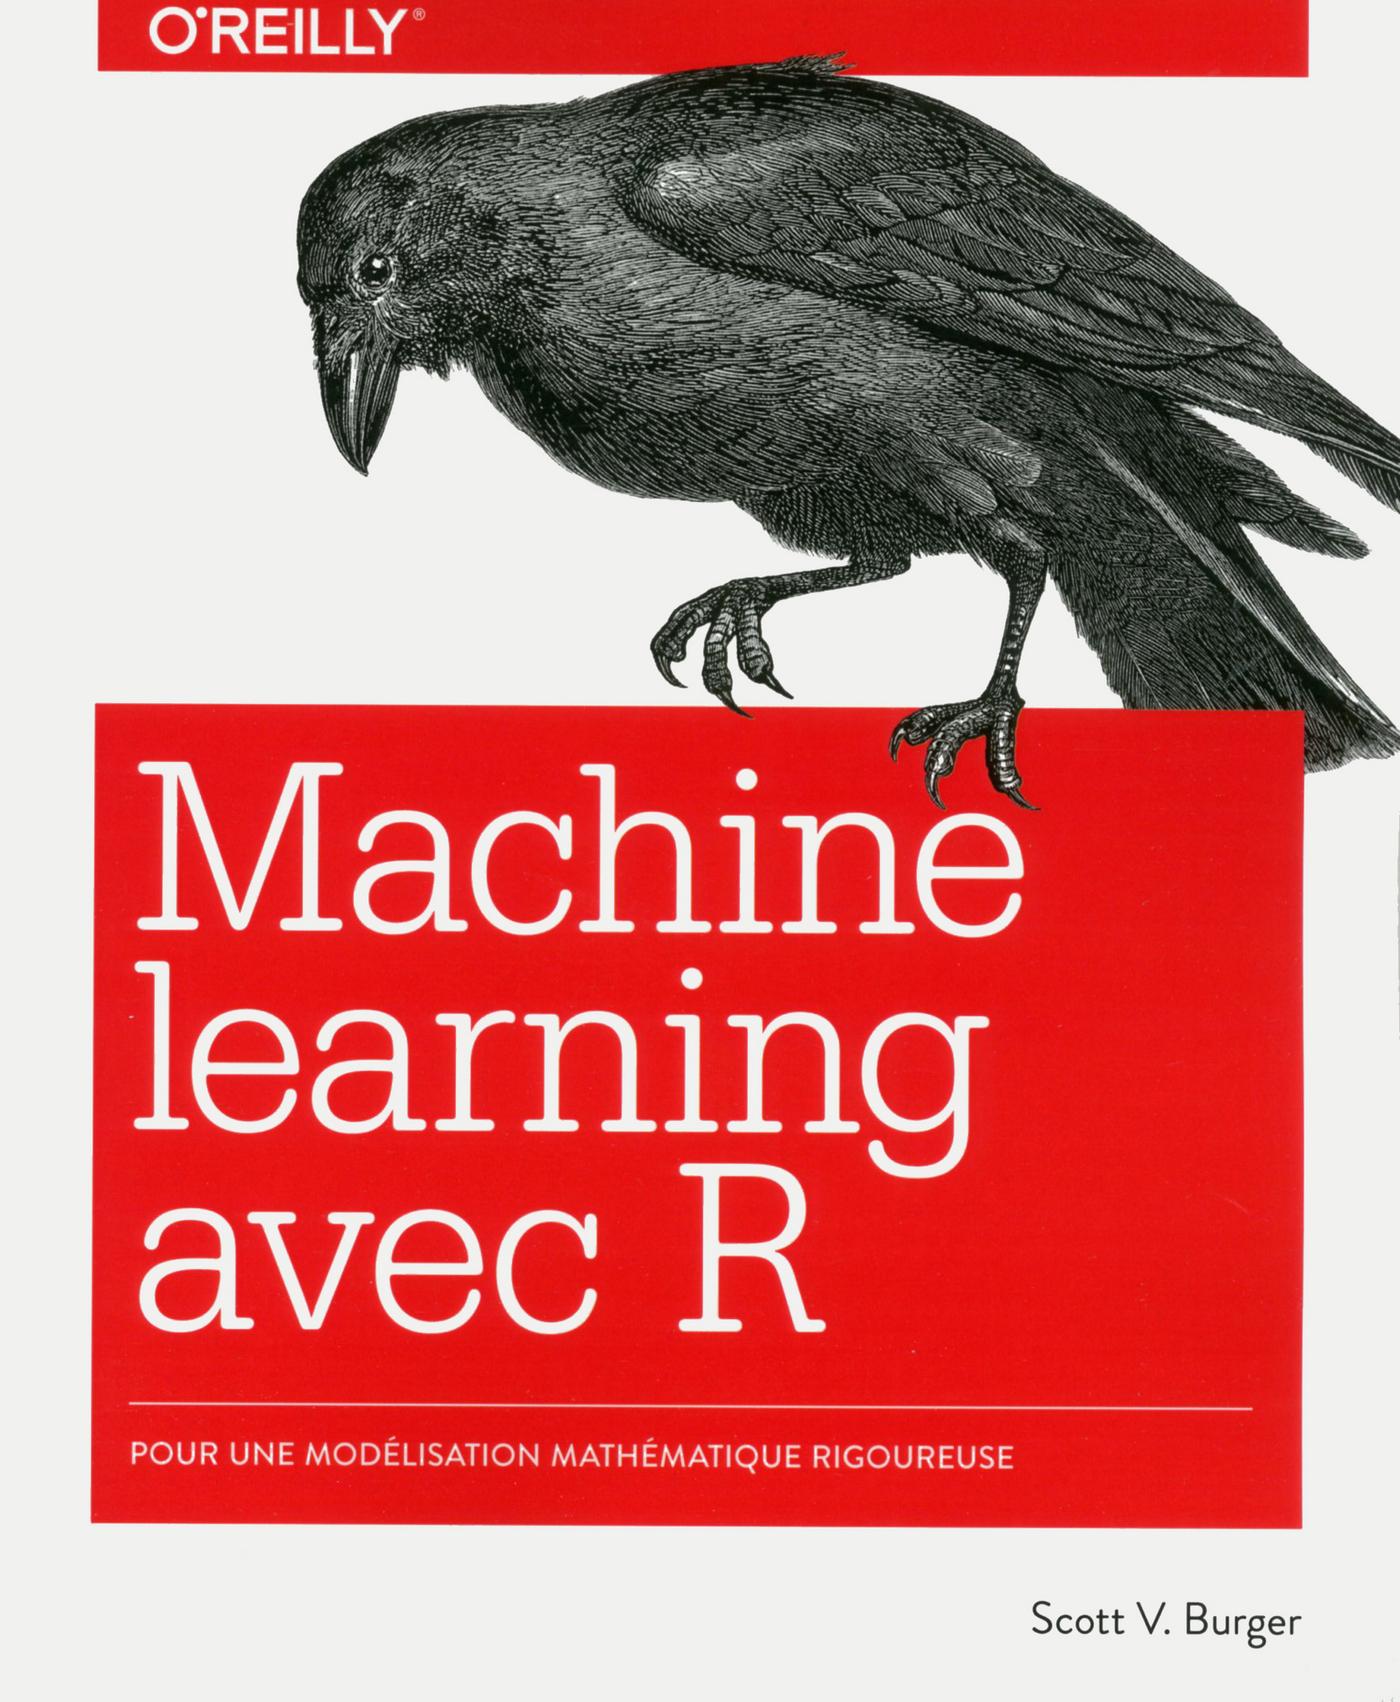 Le Machine learning avec R - Modélisation mathématique rigoureuse